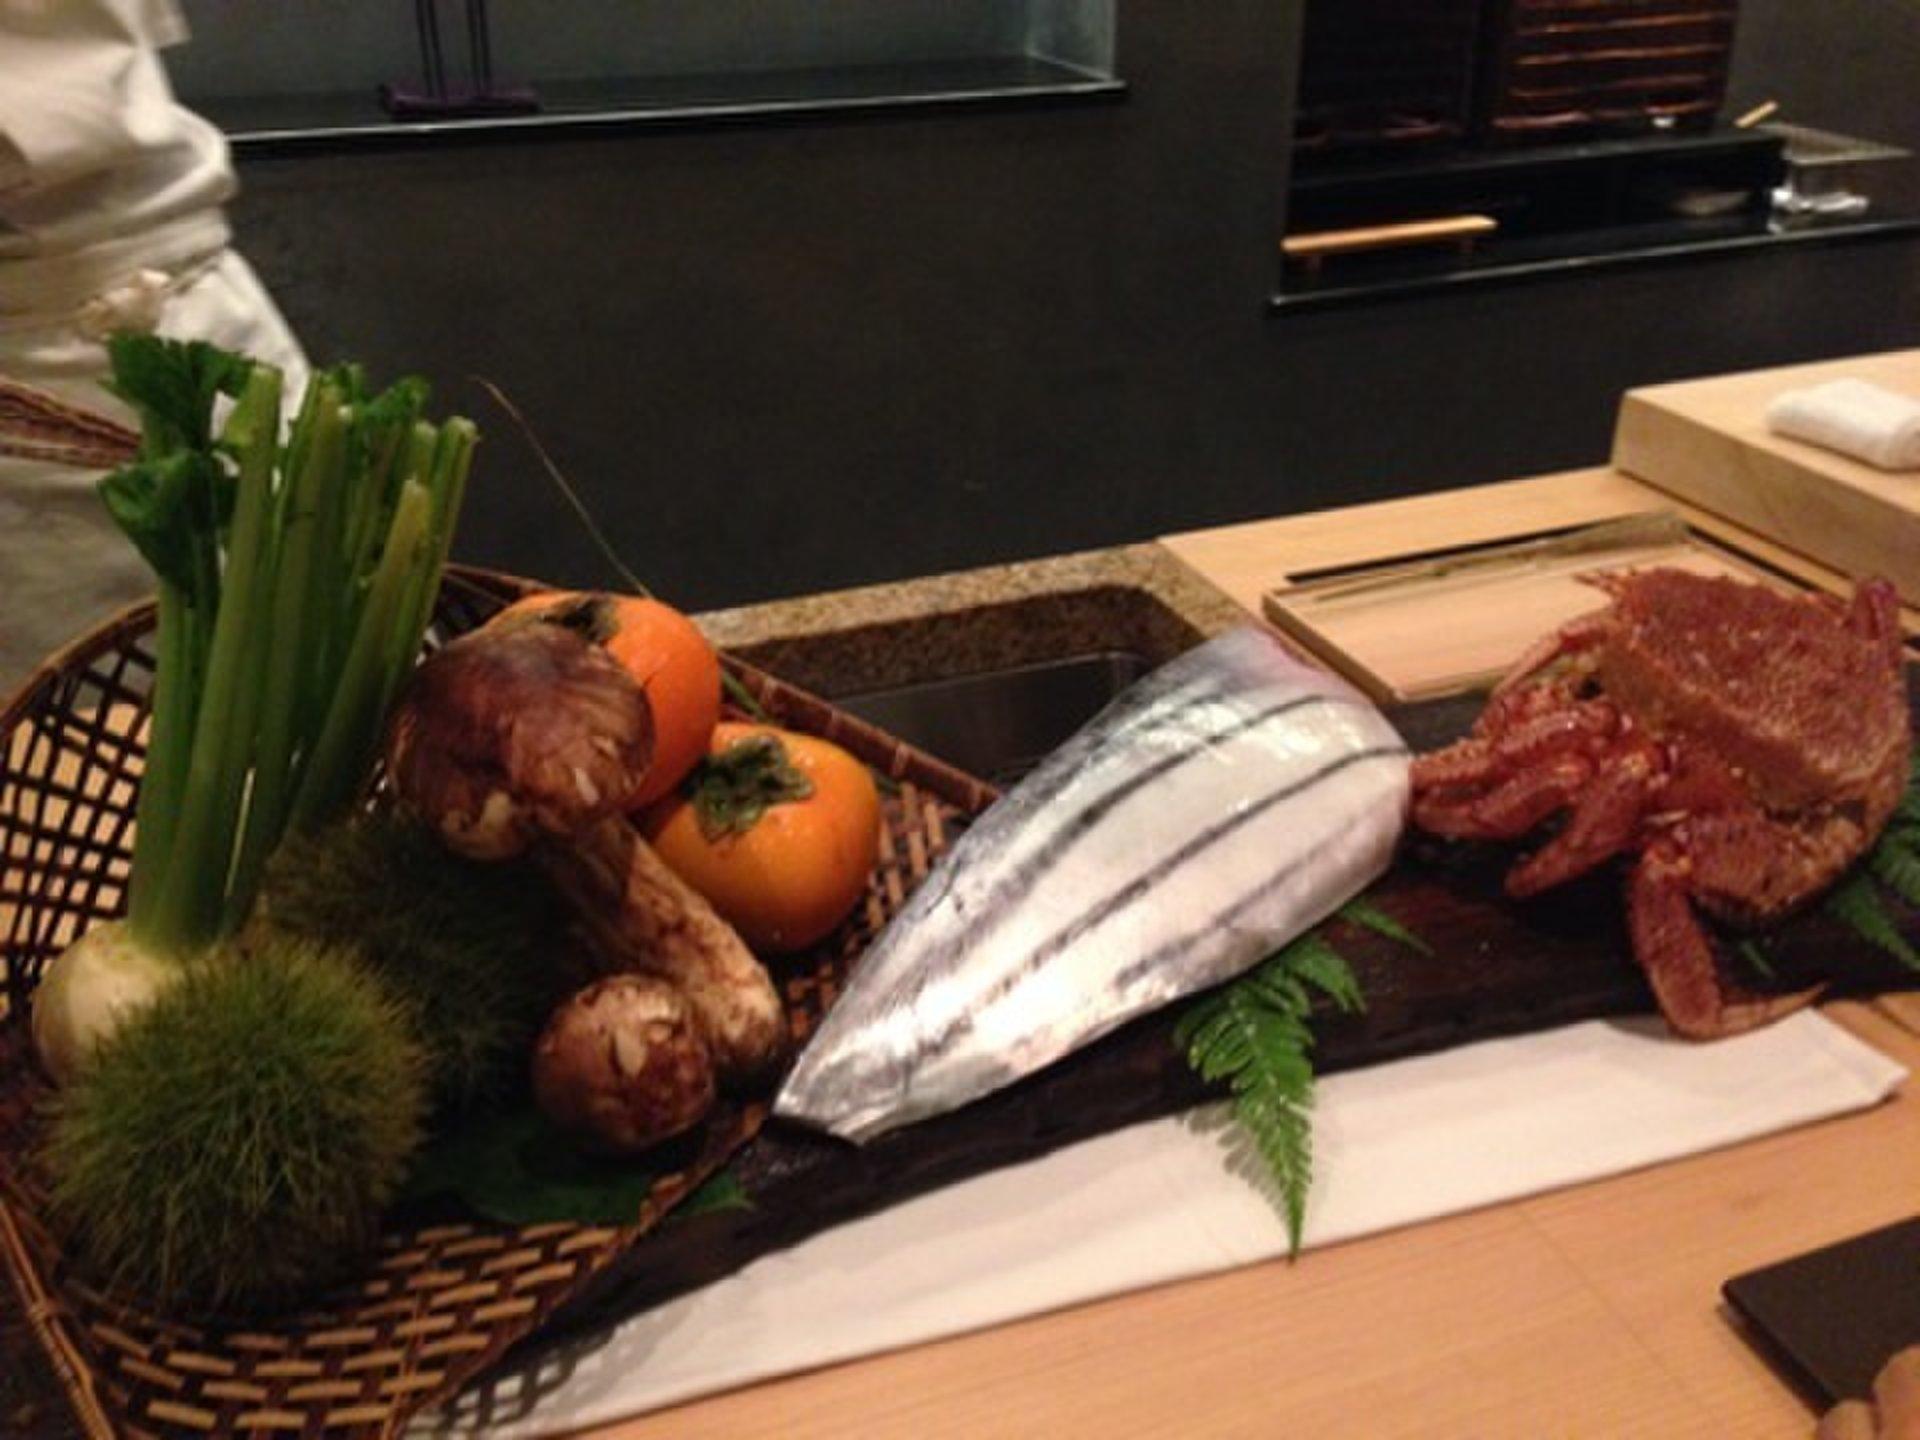 割烹のイメージを覆す!銀座の「kappou ukai」で絶品和食の懐石料理